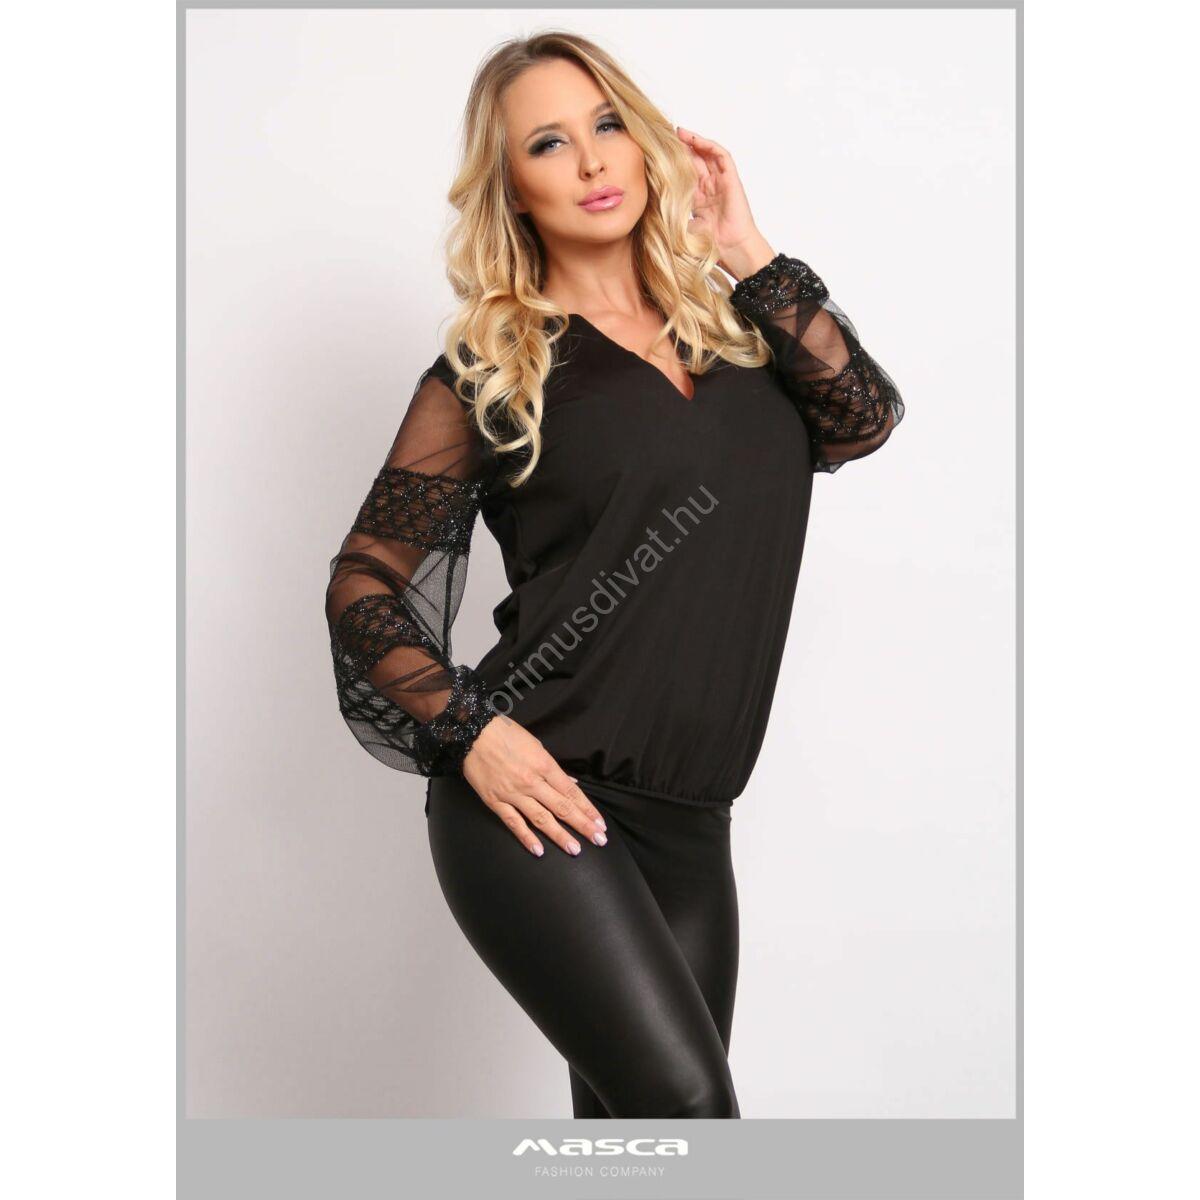 Masca Fashion V-nyakkivágású, buggyos csillogó mintás muszlin hosszú ujjú fekete alkalmi felső, csípőjén gumis behúzással